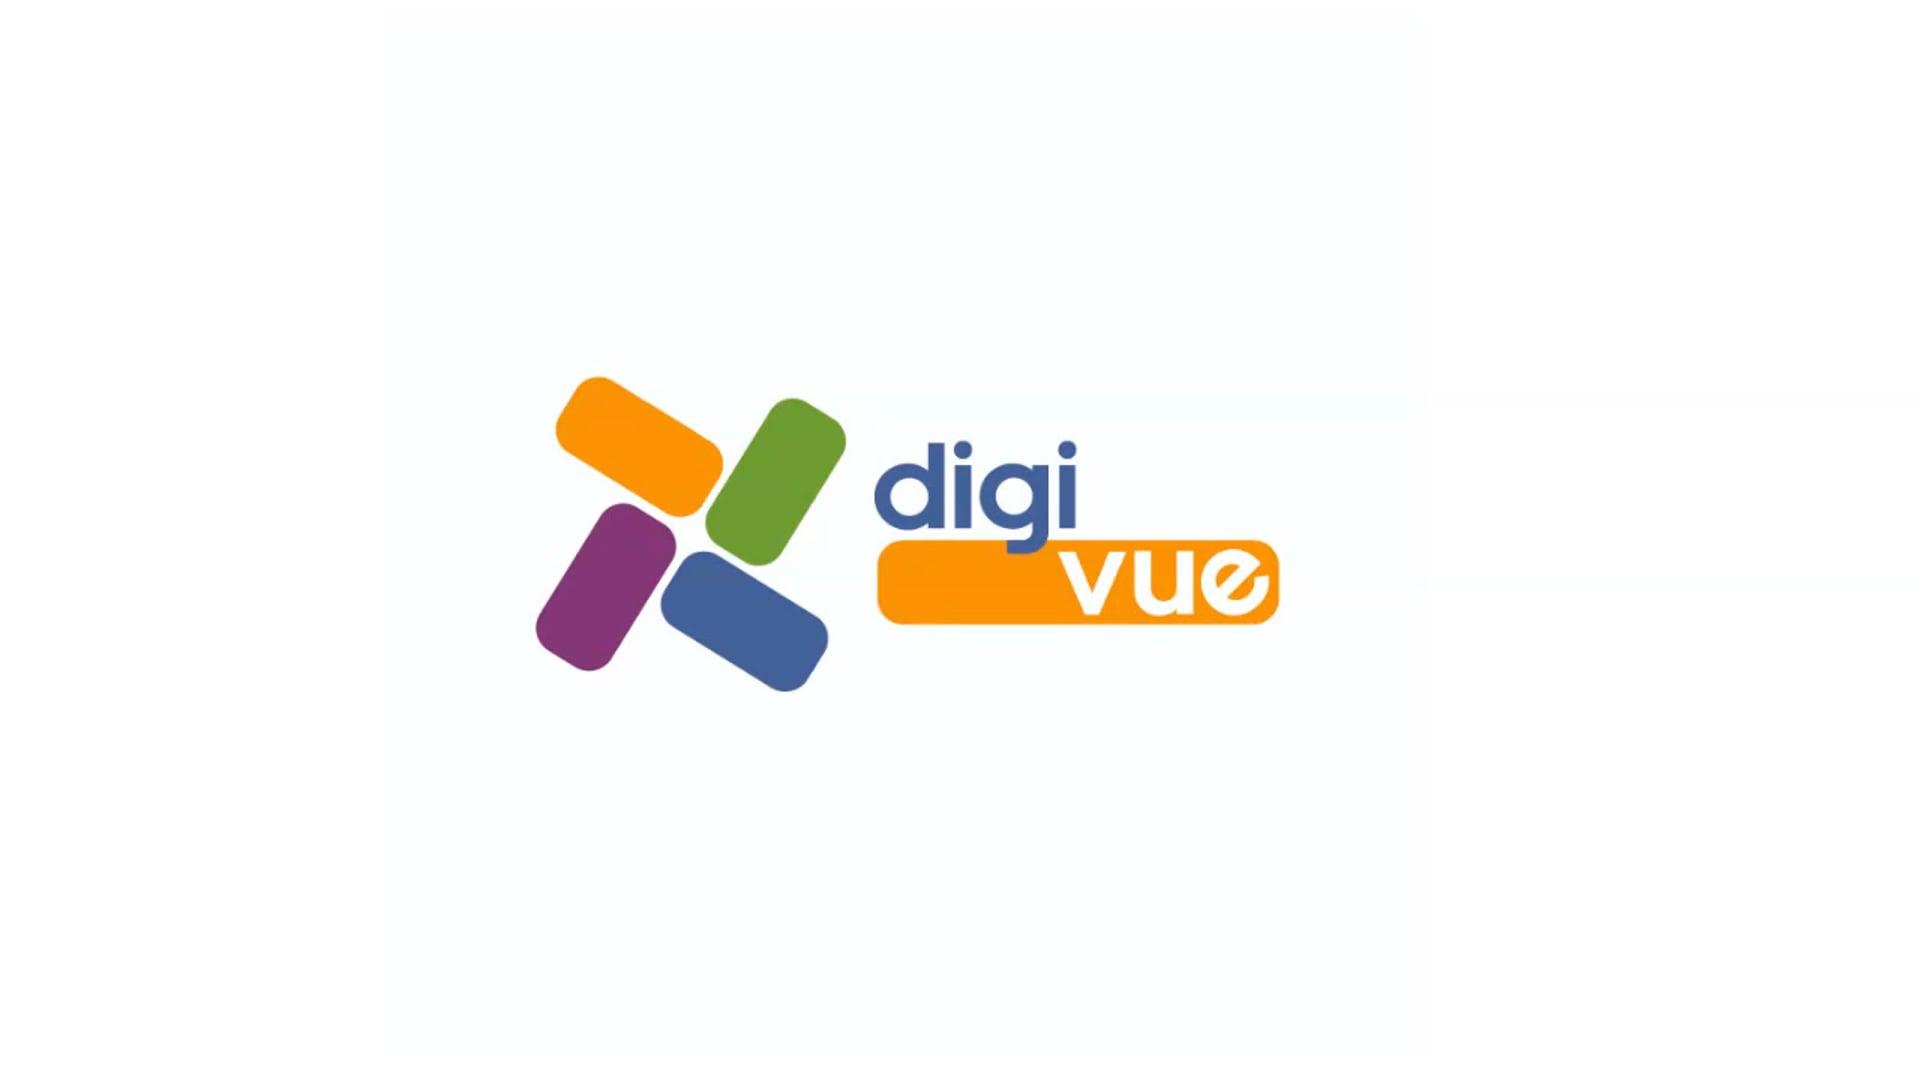 DigiVue Overview